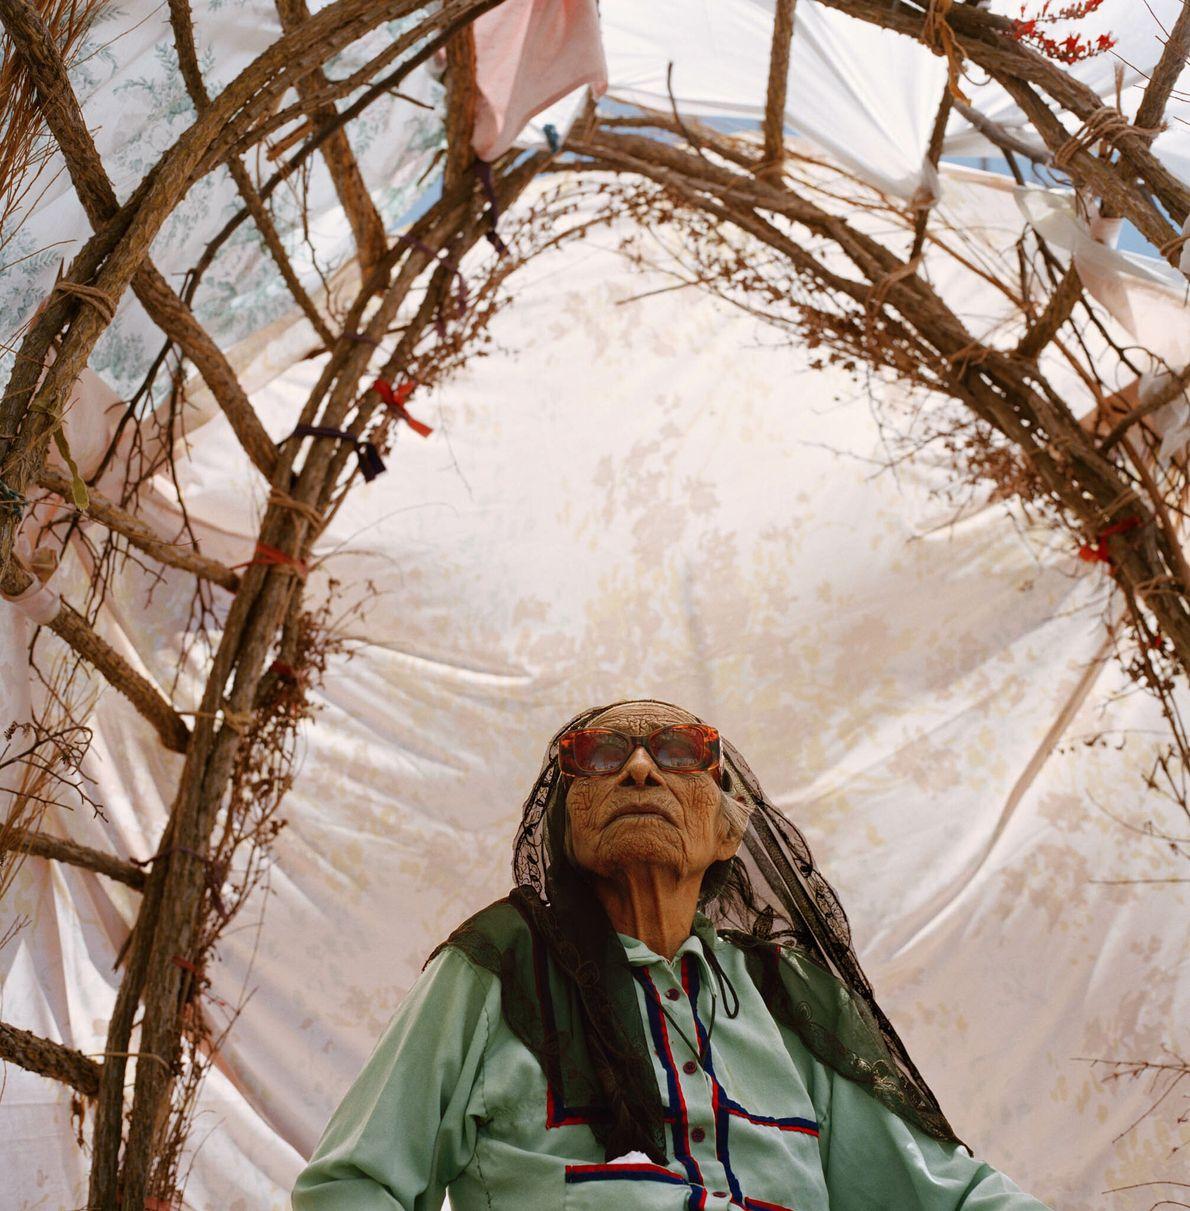 Alte Frau in einem Unterstand aus geflochtenen Weiden